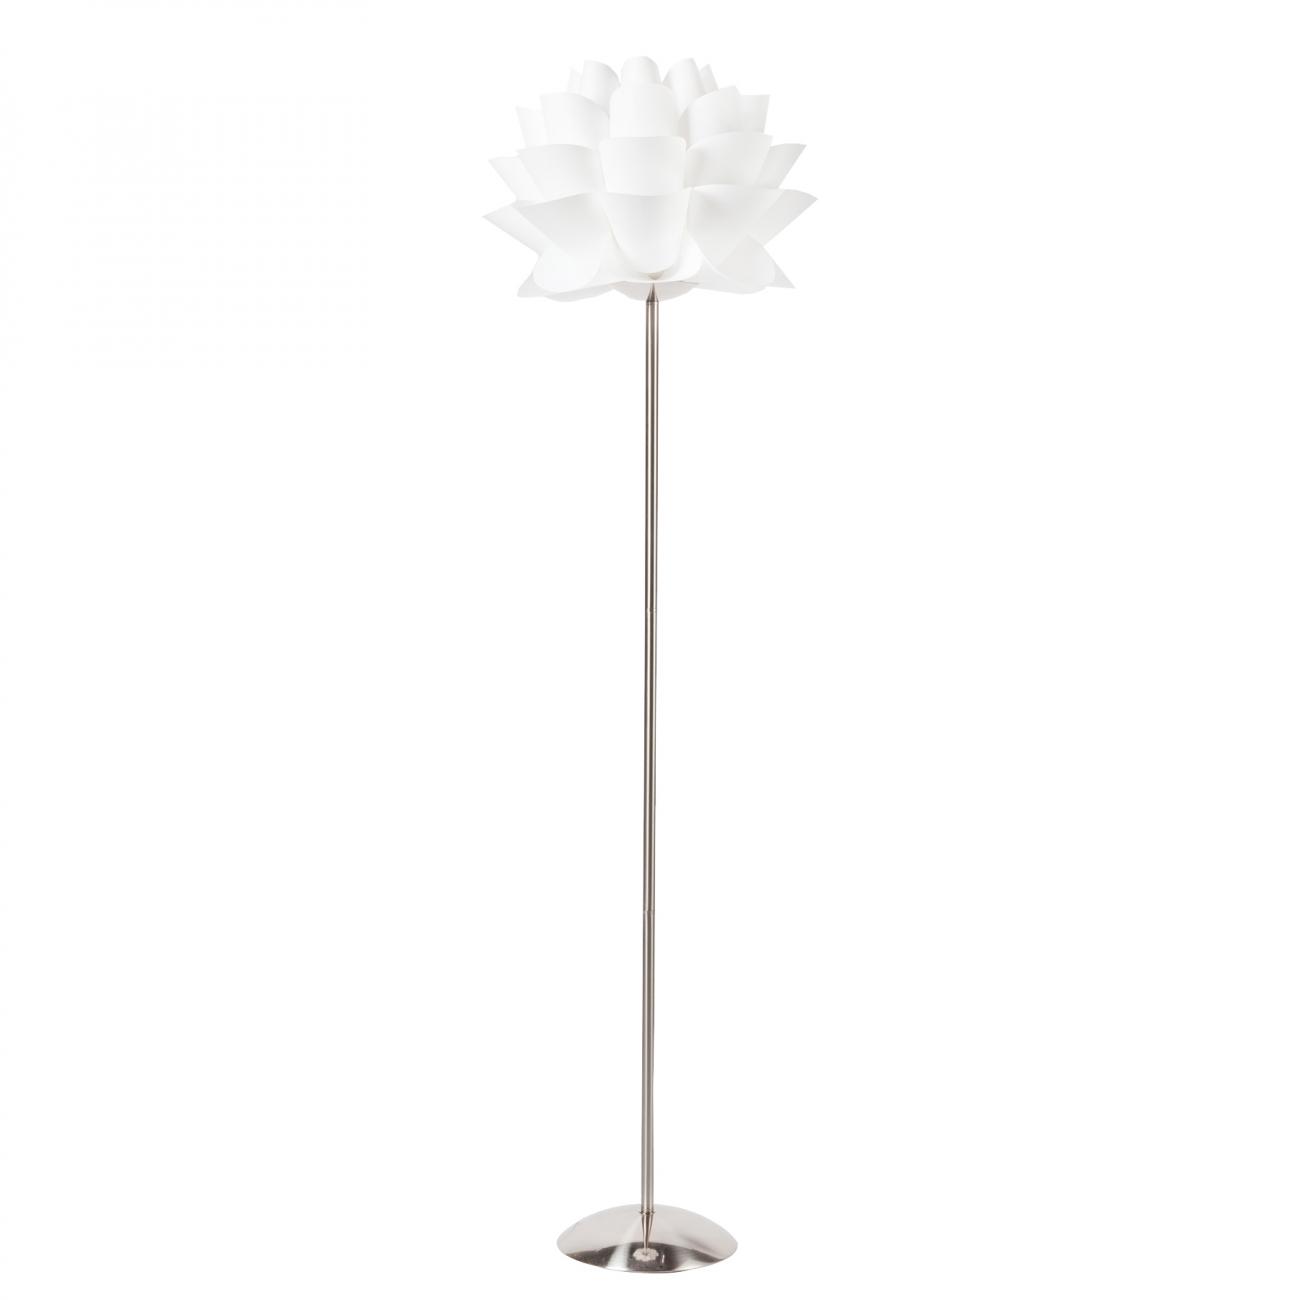 Купить Торшер Arto в интернет магазине дизайнерской мебели и аксессуаров для дома и дачи